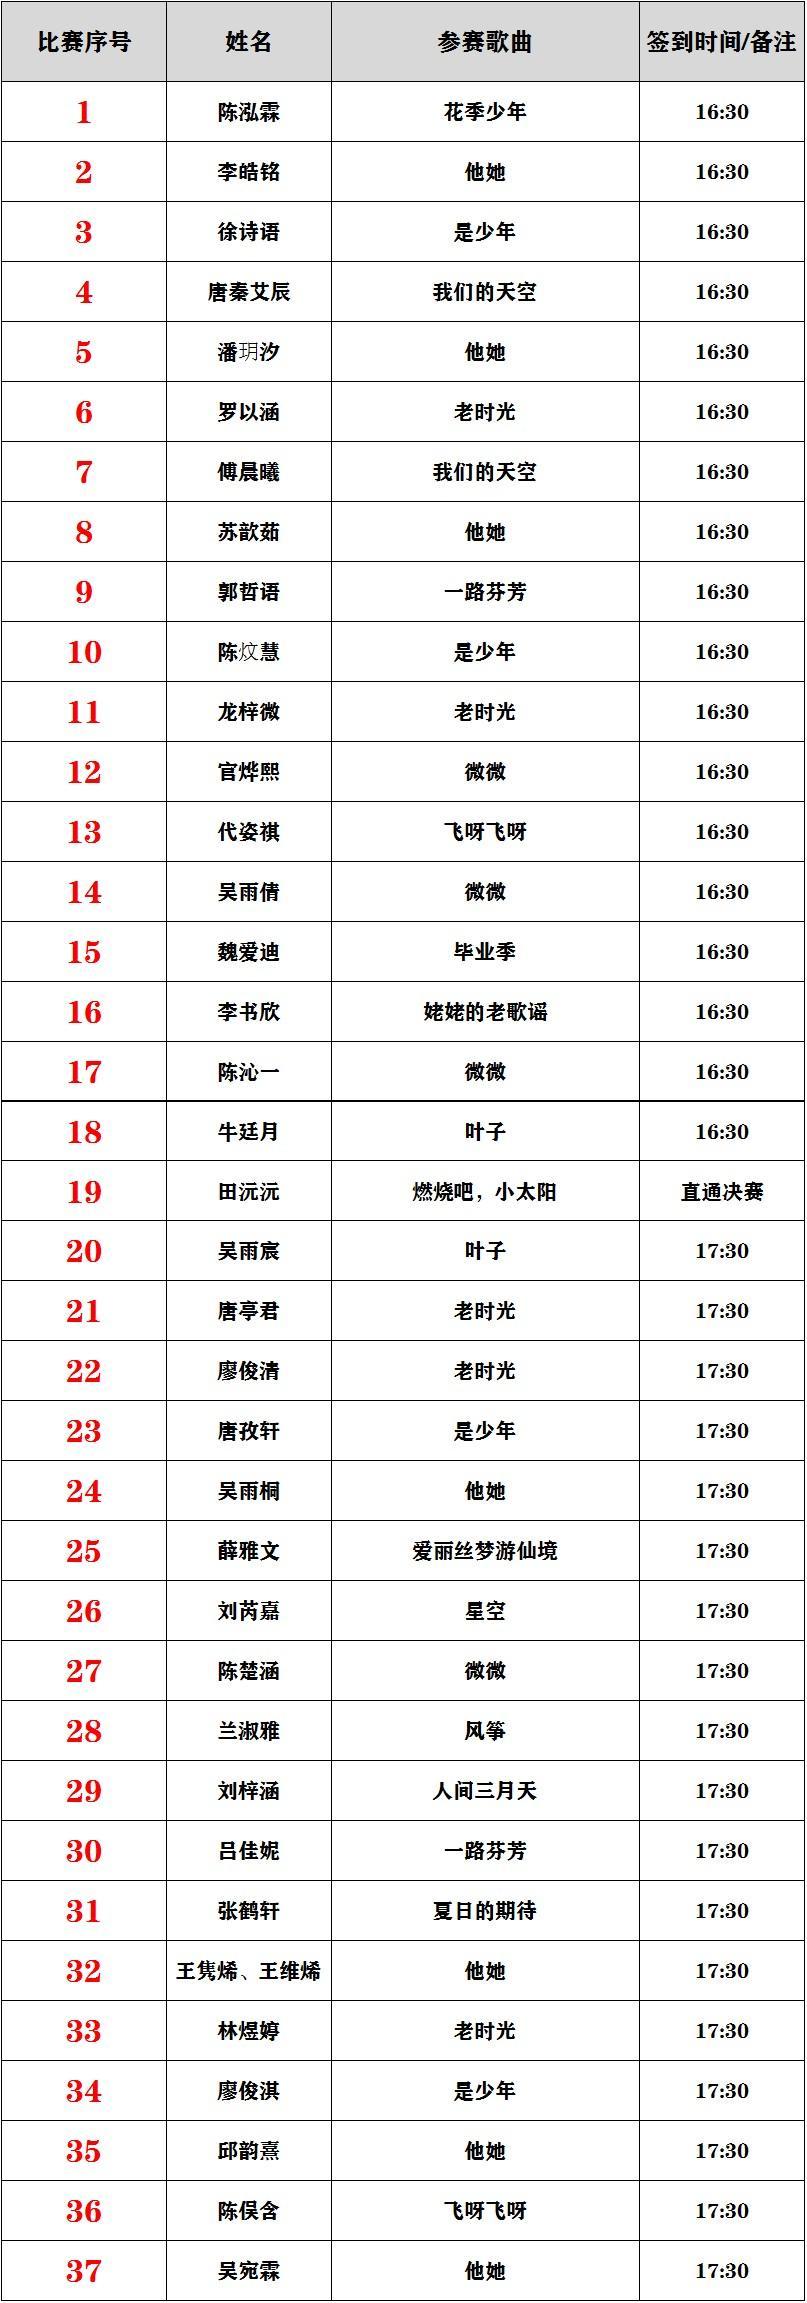 2021第17届快乐阳光全国少歌赛【重庆赛区】复赛比赛通知 第9张